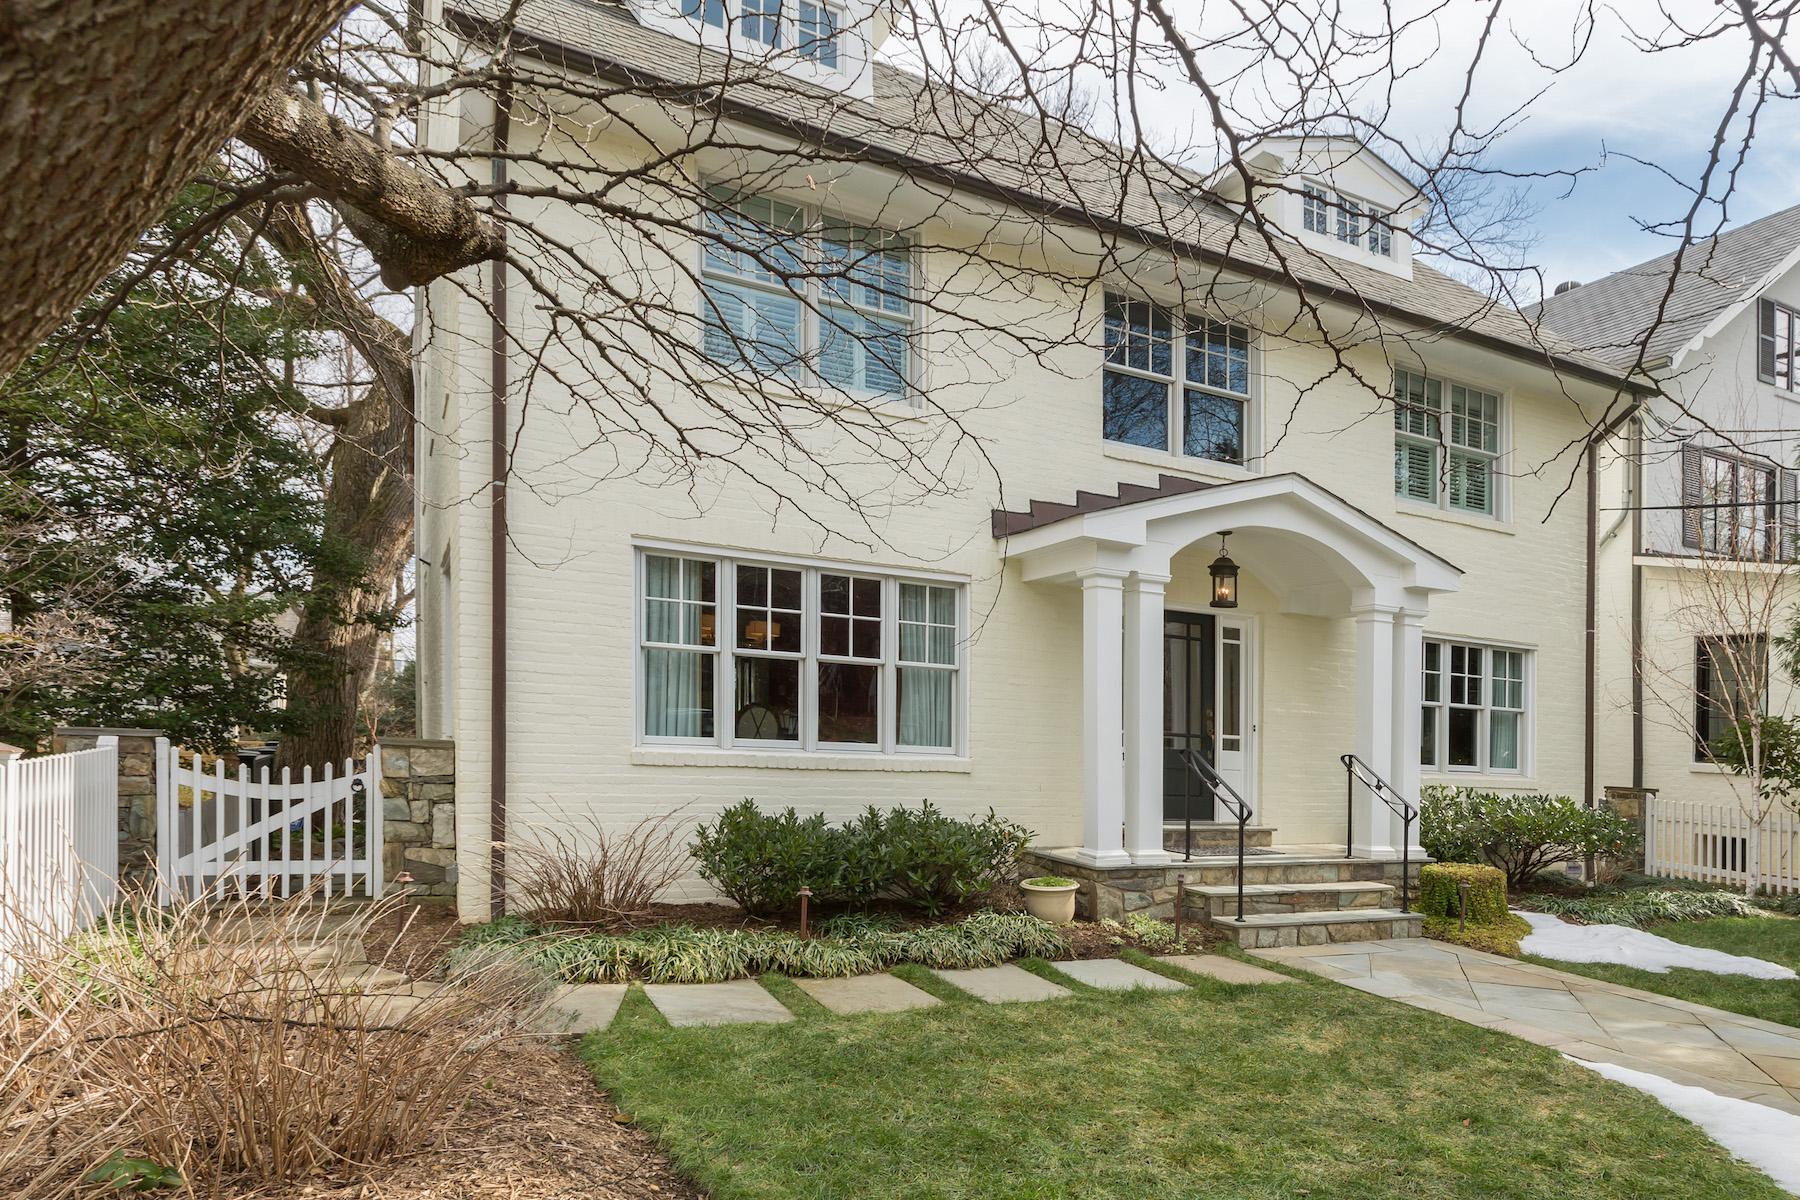 Частный односемейный дом для того Продажа на 2711 36th Street Nw, Washington Washington, Округ Колумбия, 20007 Соединенные Штаты